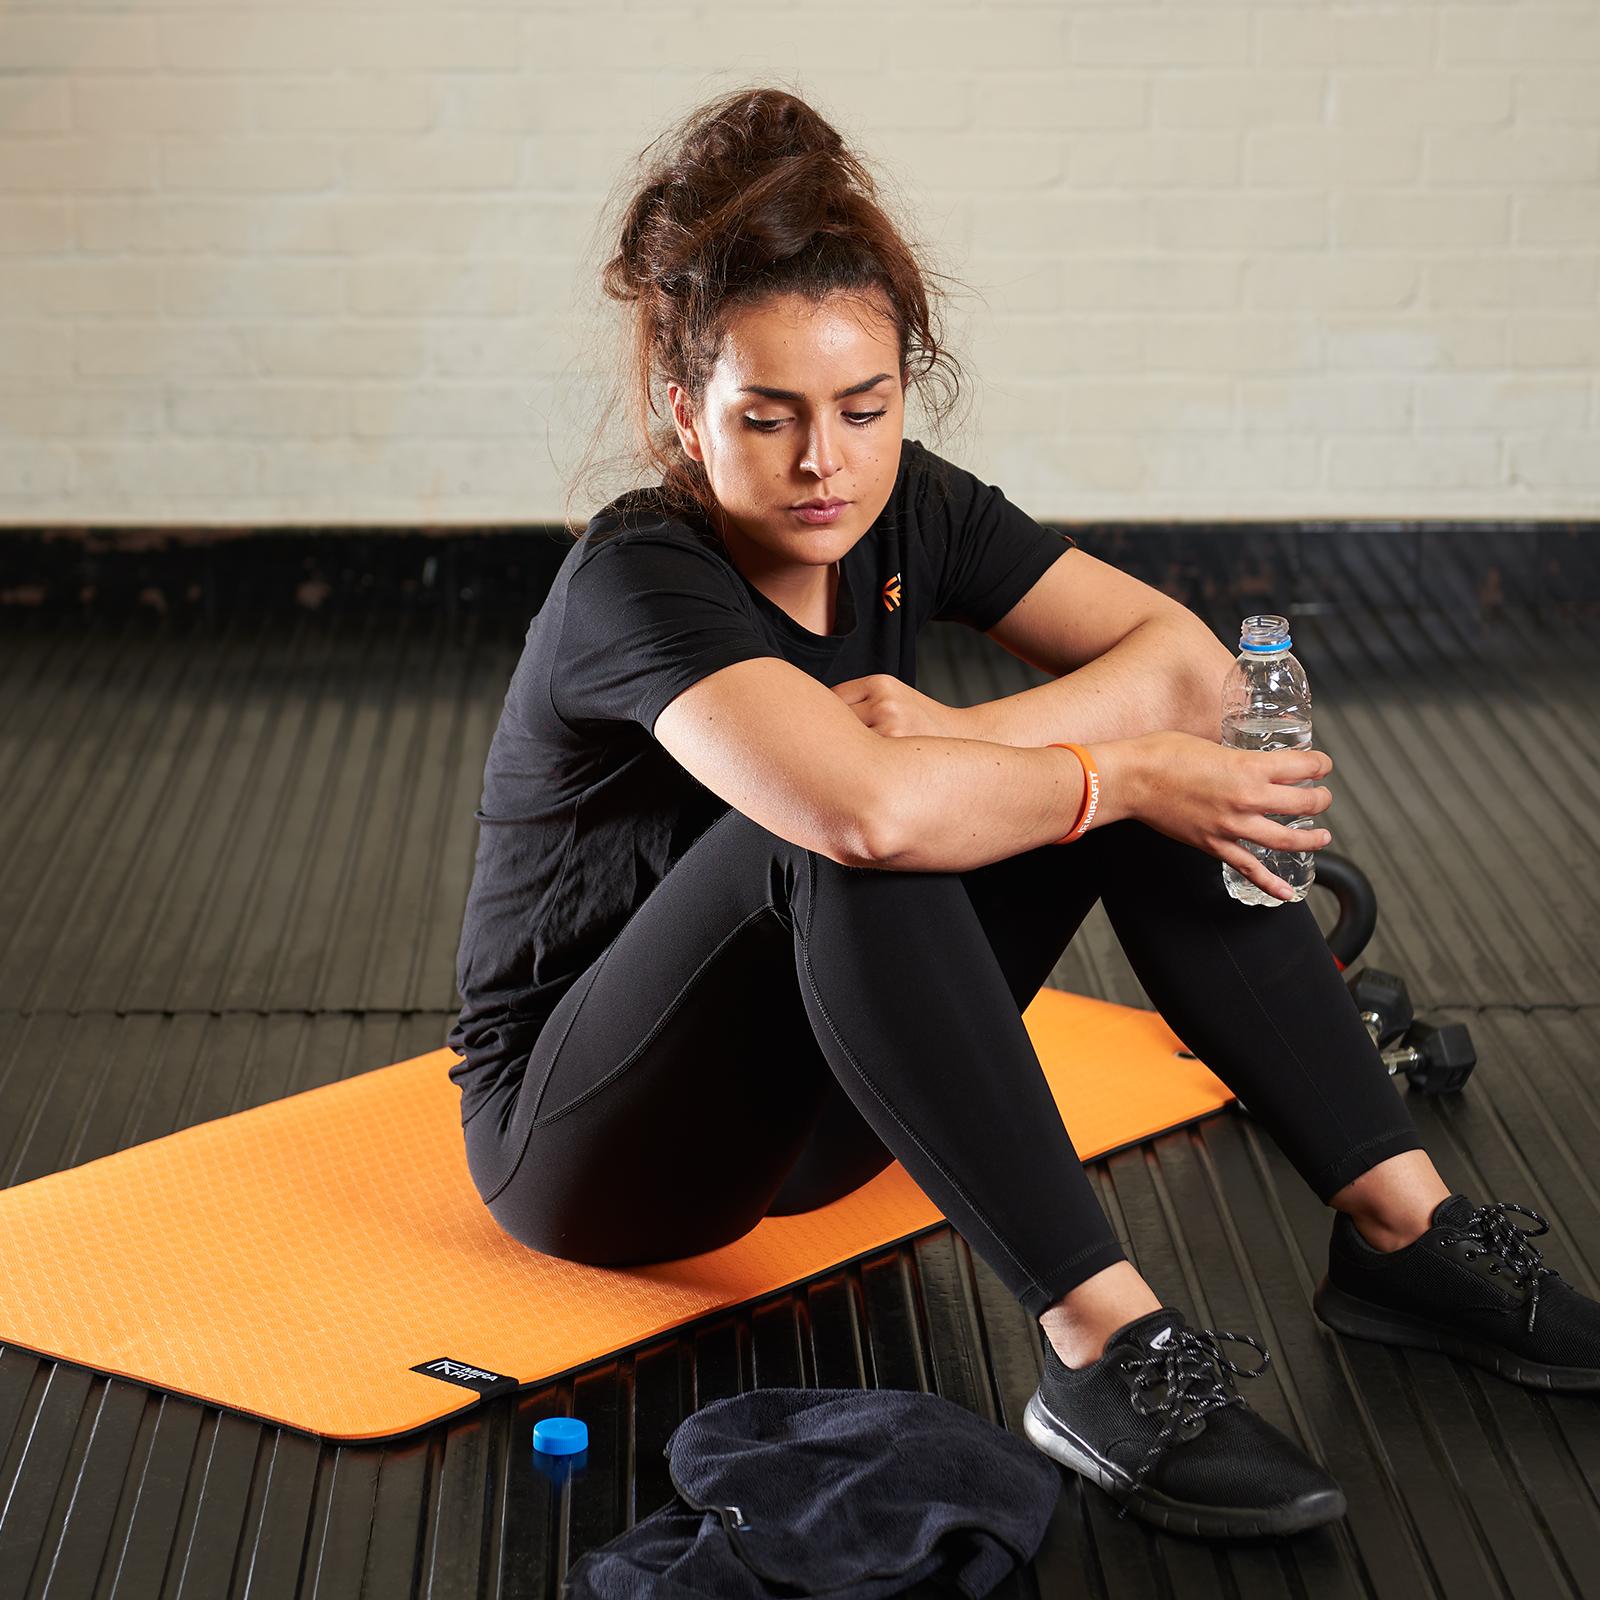 Mirafit yoga//ginnastica Esercizio Tappetino Con Occhielli TPE Schiuma Palestra Fitness CLASSE